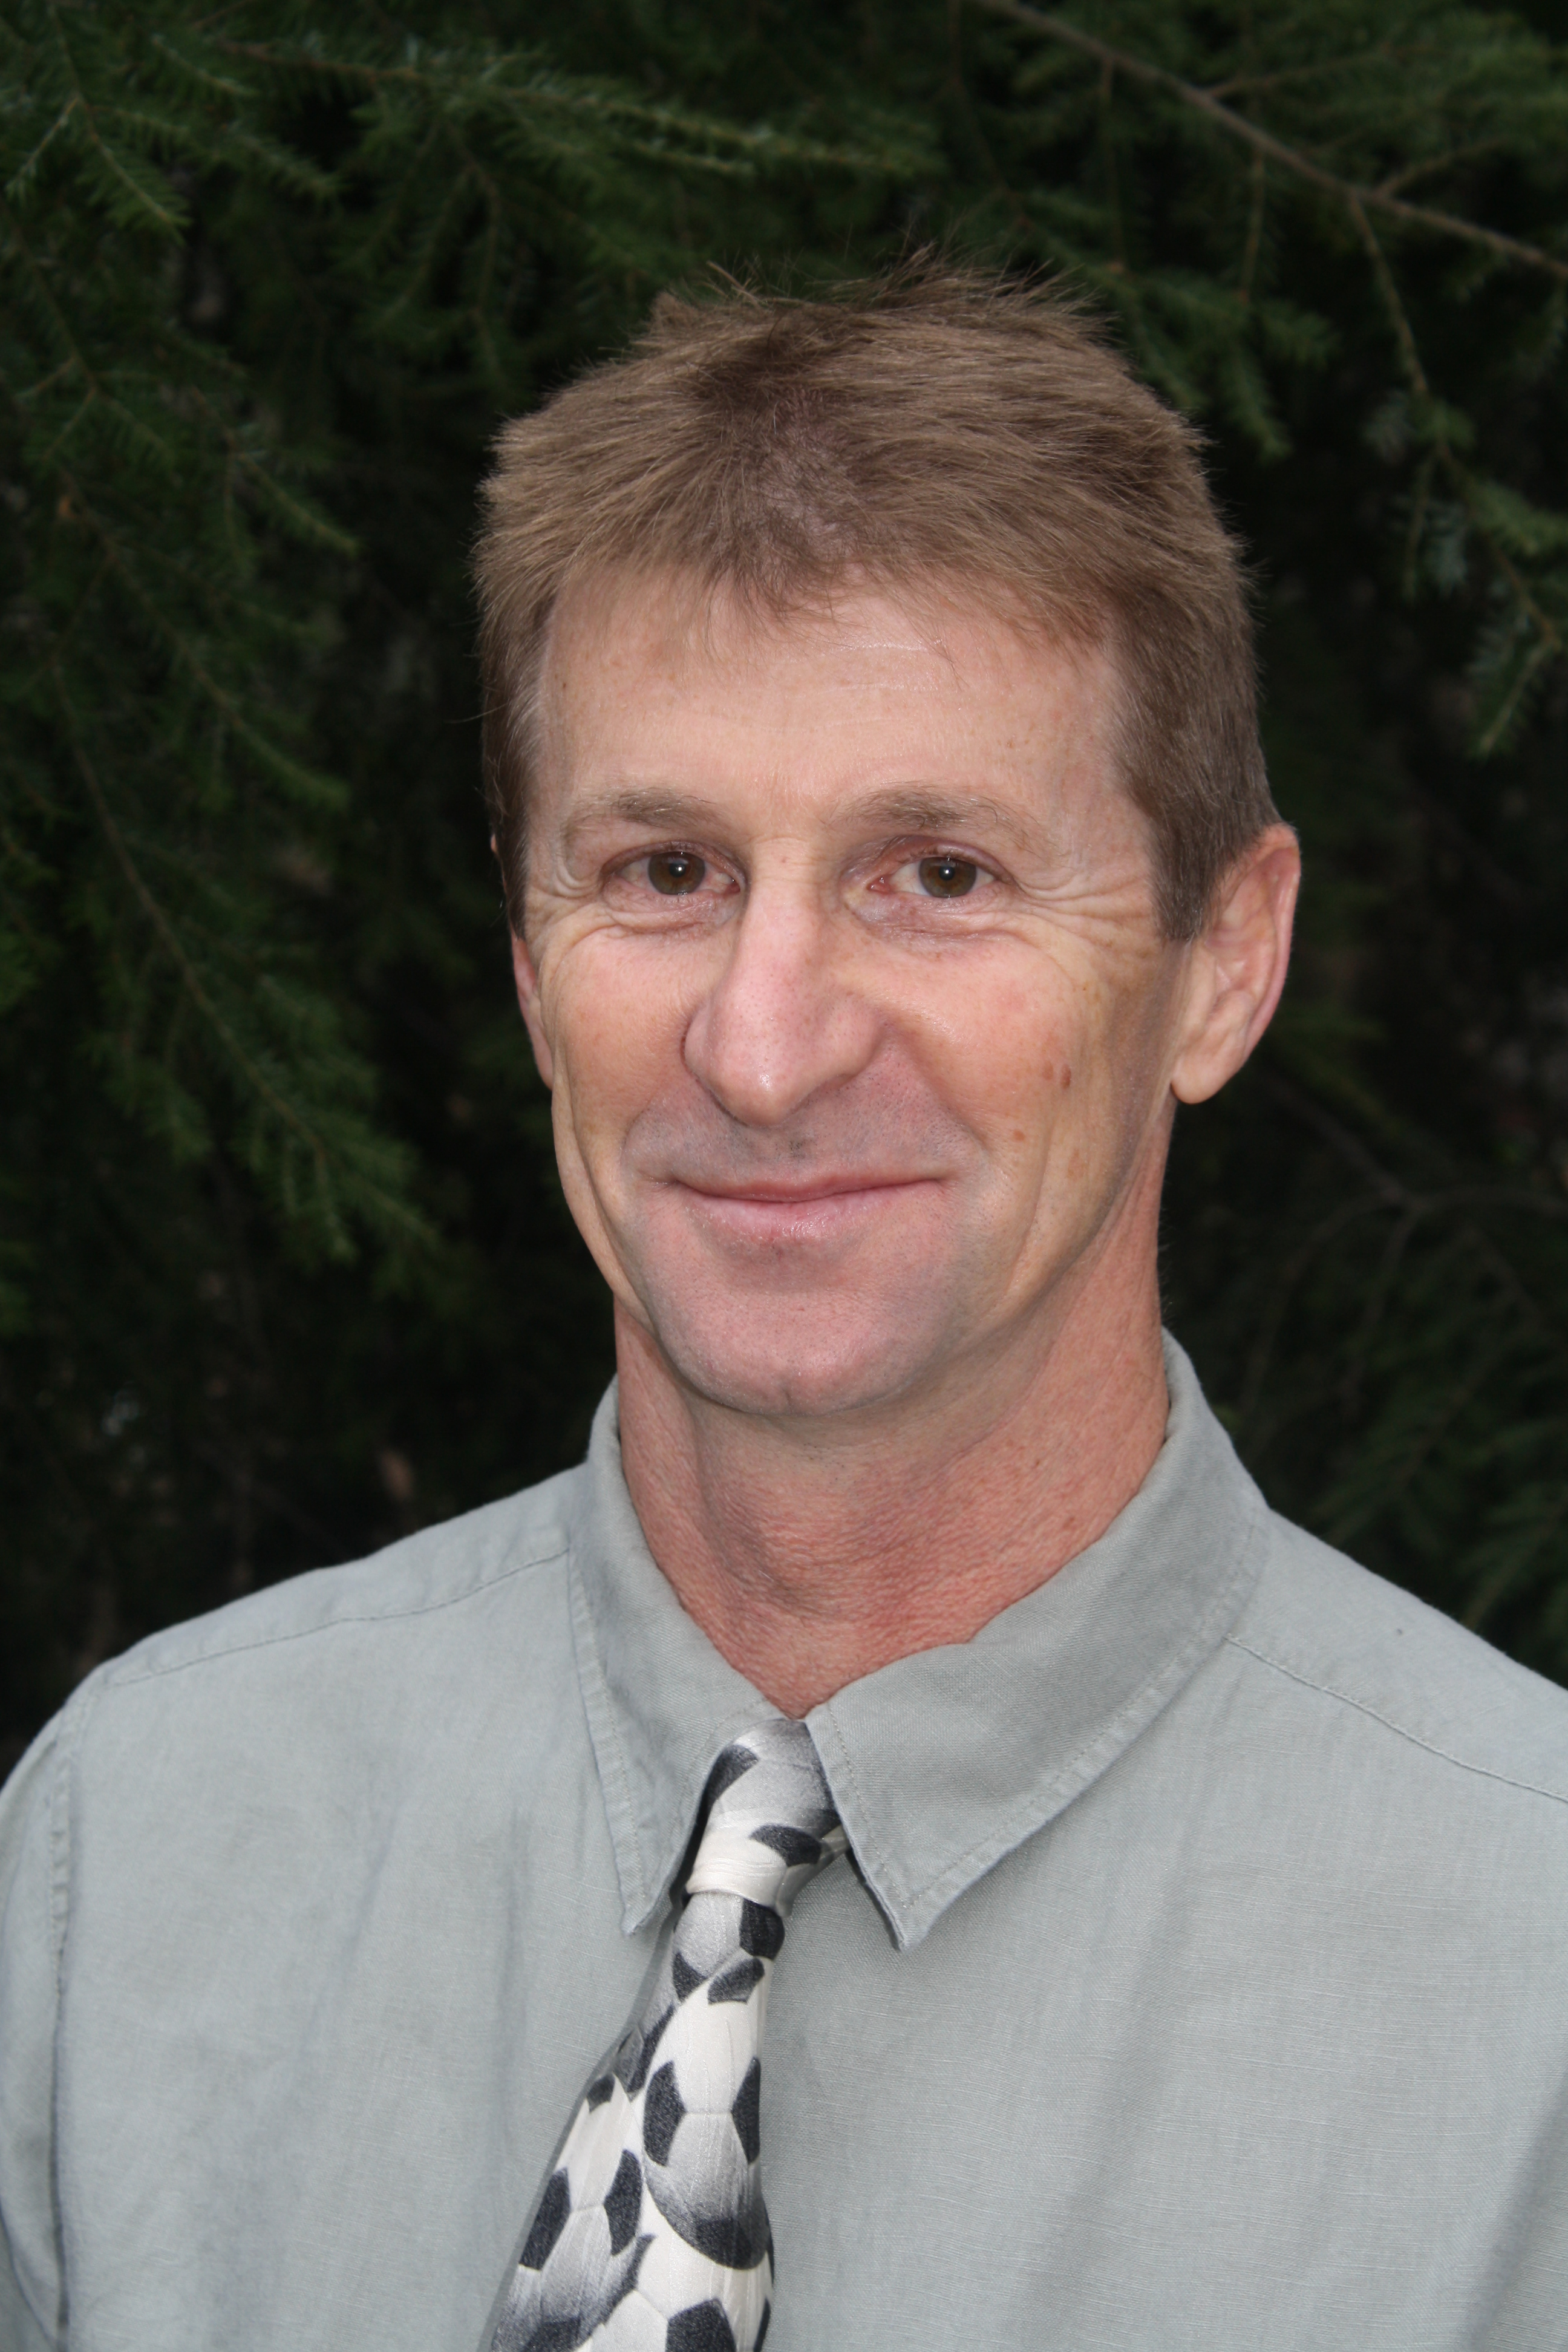 Associate Dean Stephen Mitchell